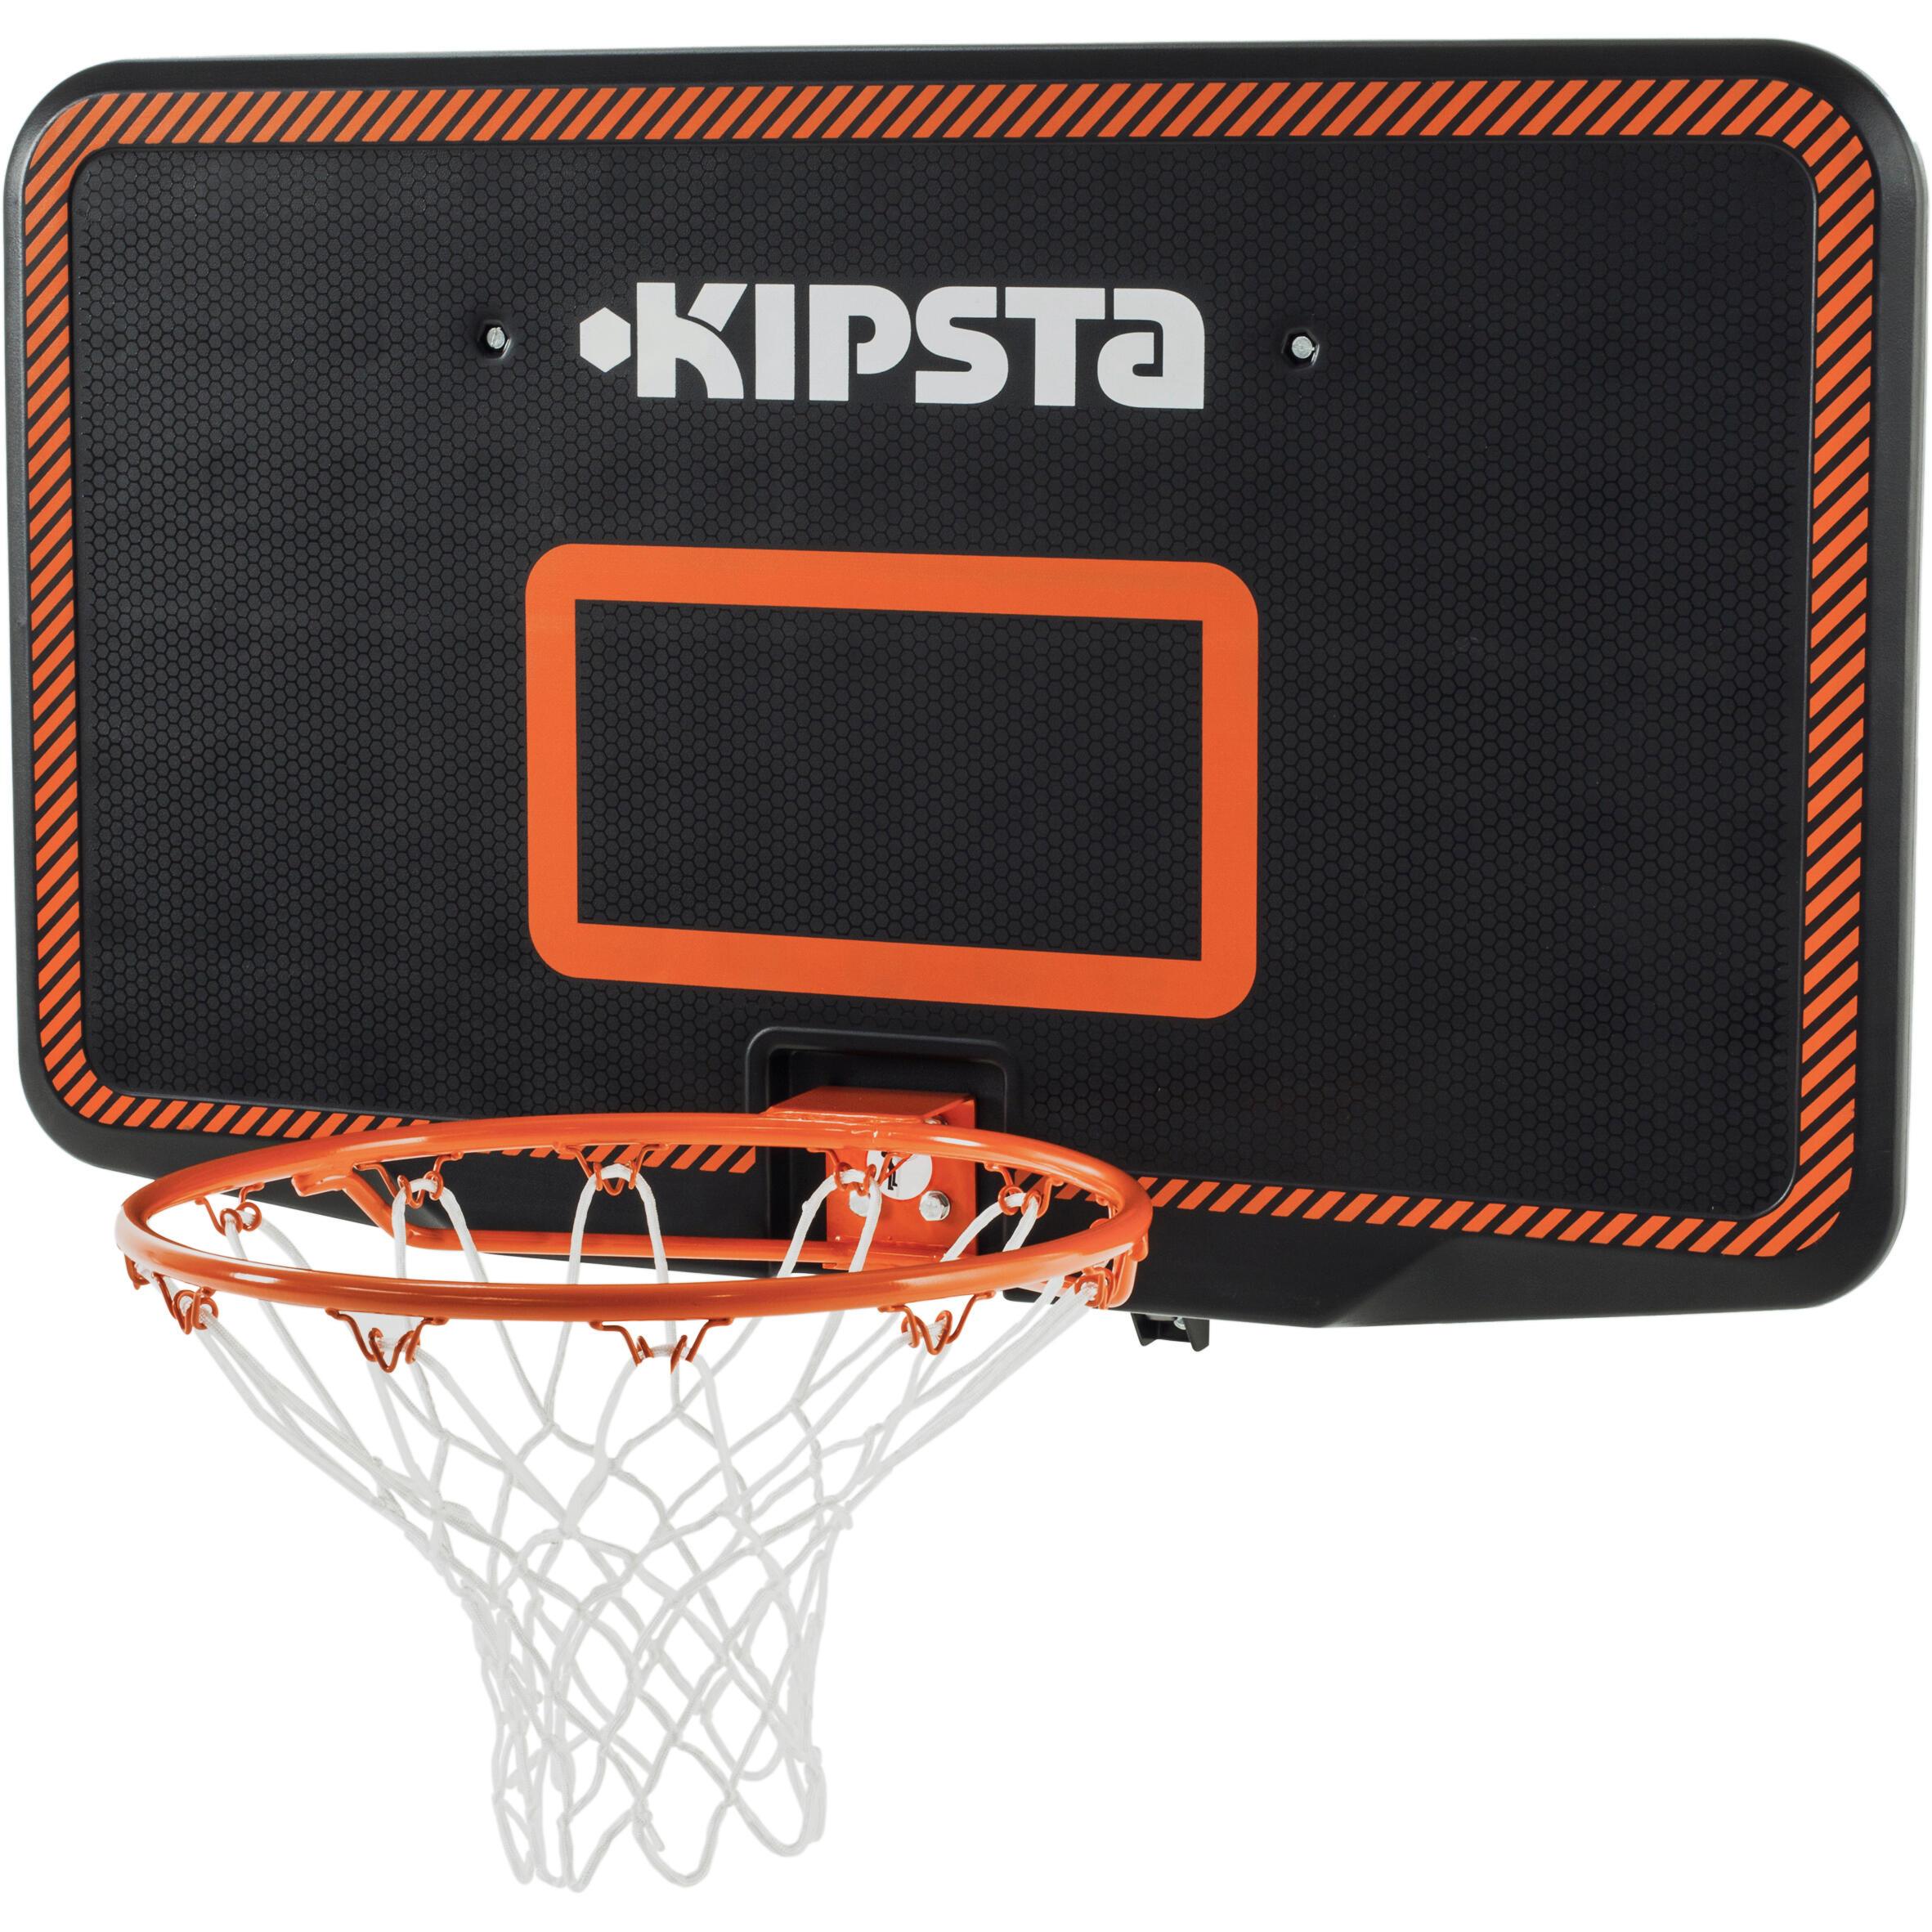 45 cm Aro de Baloncesto con Red de Acero Naranja Canasta de Basket